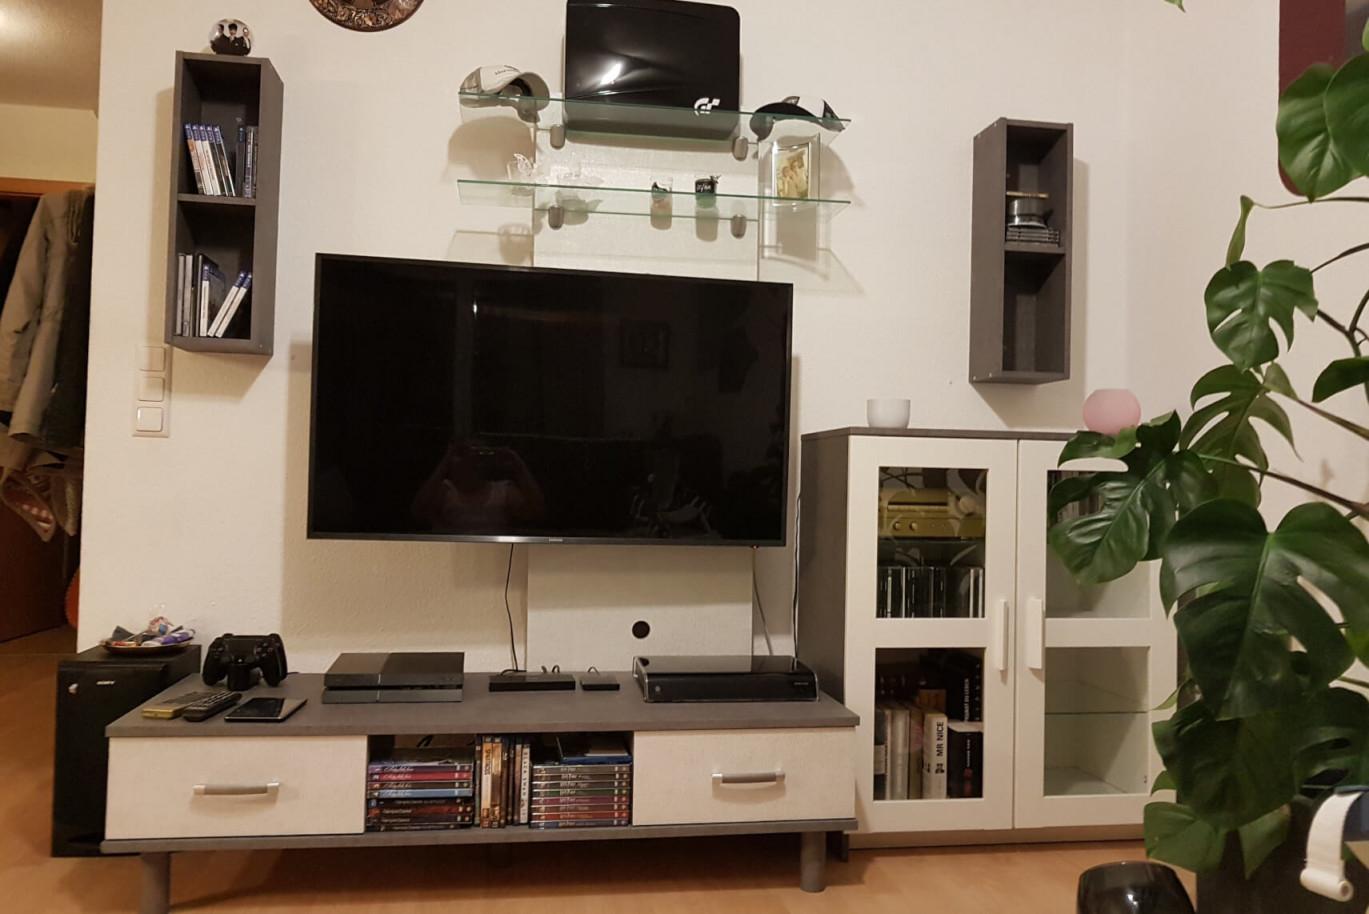 Wohnzimmer Gestalten  Modern  Grau Weiß Beton  Resimdo von Wohnzimmer Mit Alten Möbeln Gestalten Bild